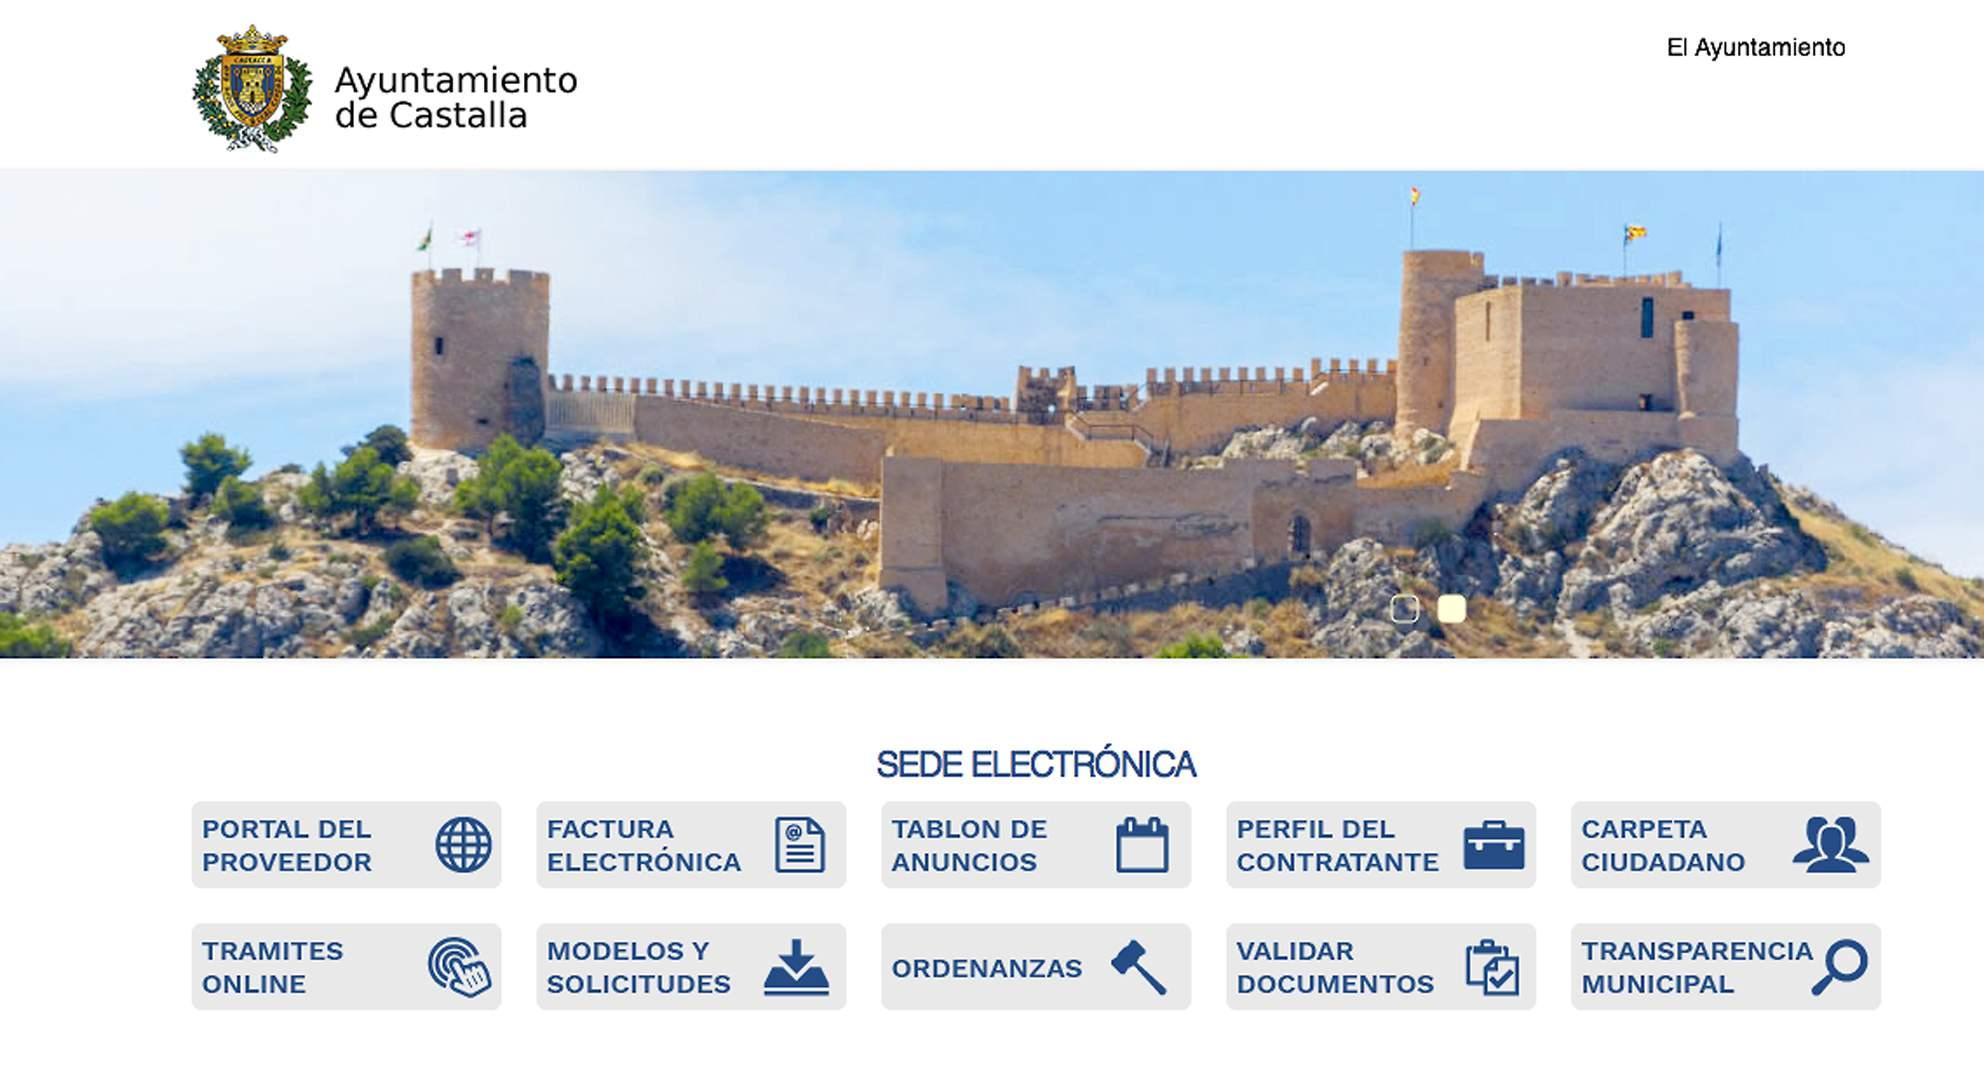 El departament informàtic de l'Ajuntament de Castalla activa tots els serveis i prestacions que permet la seu electrònica